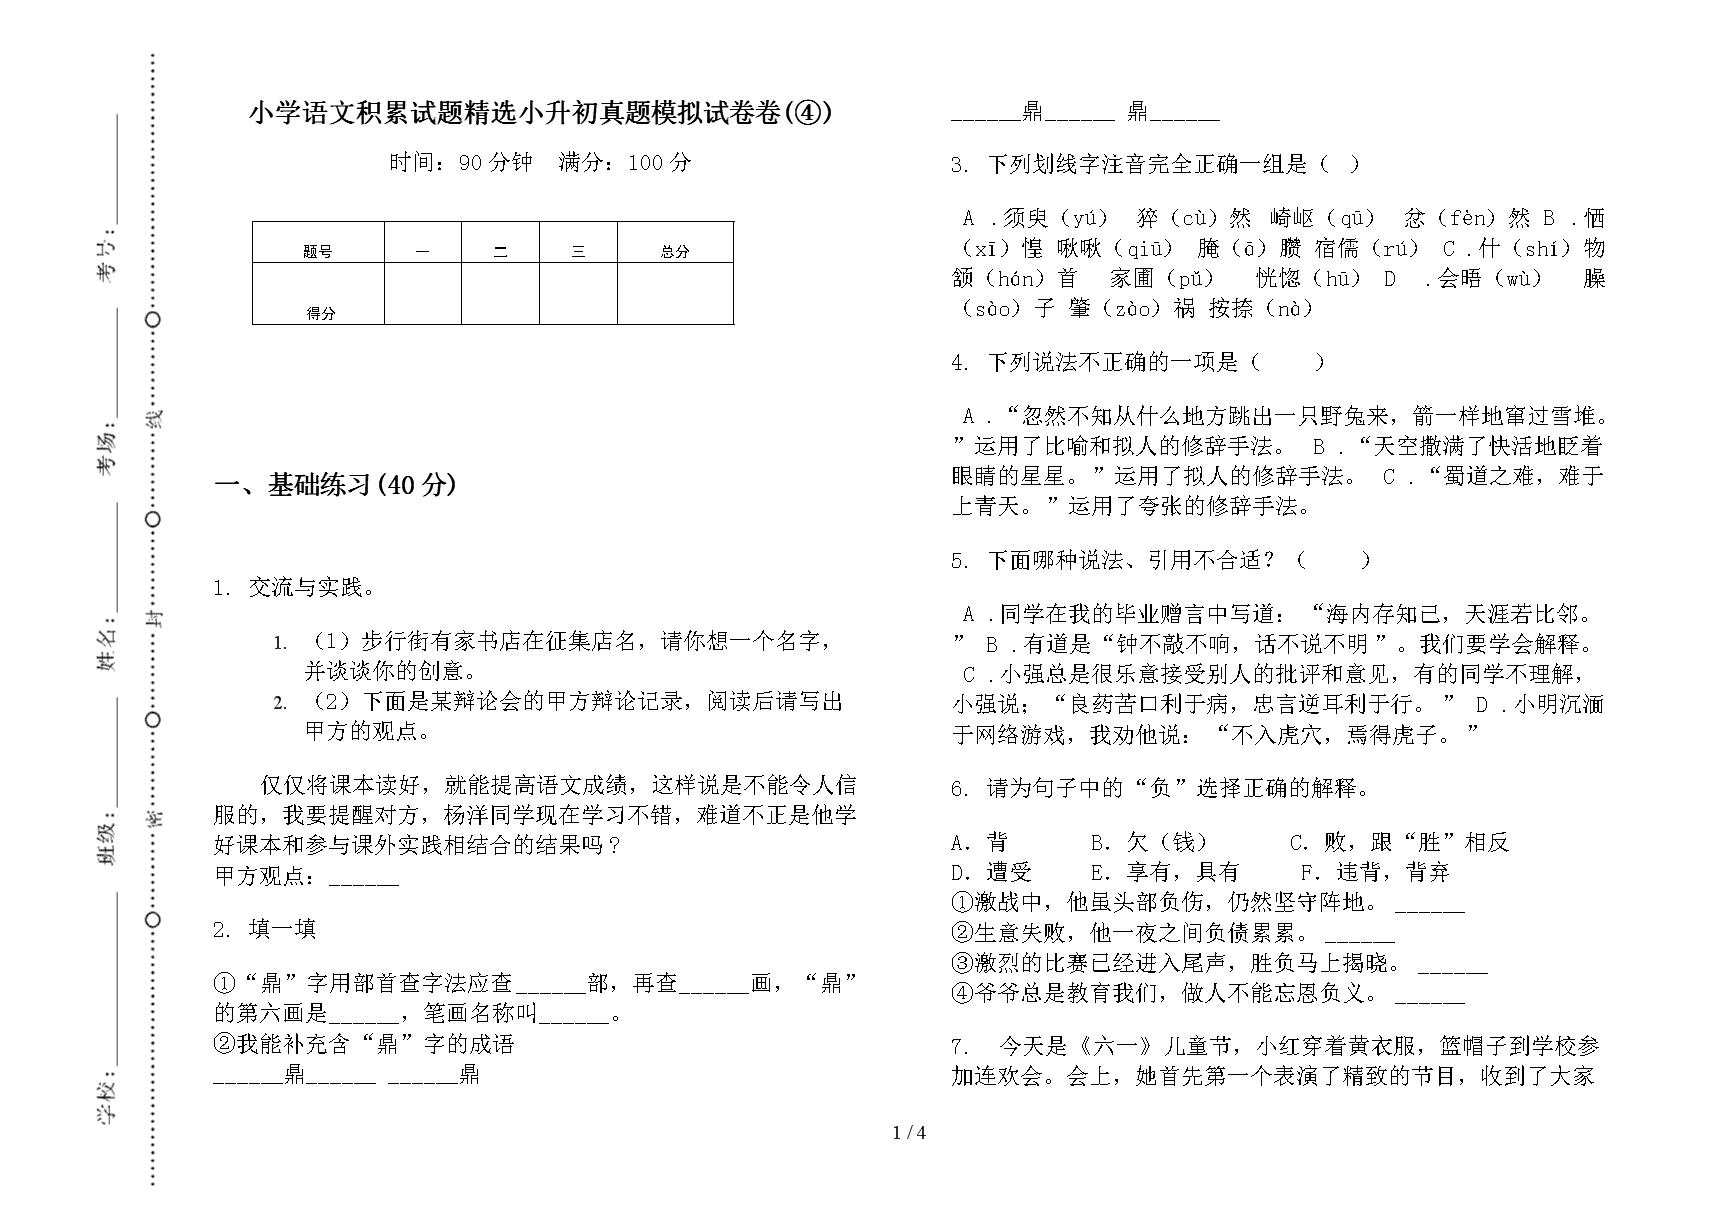 小学语文积累试题精选小升初真题模拟试卷卷(④).docx